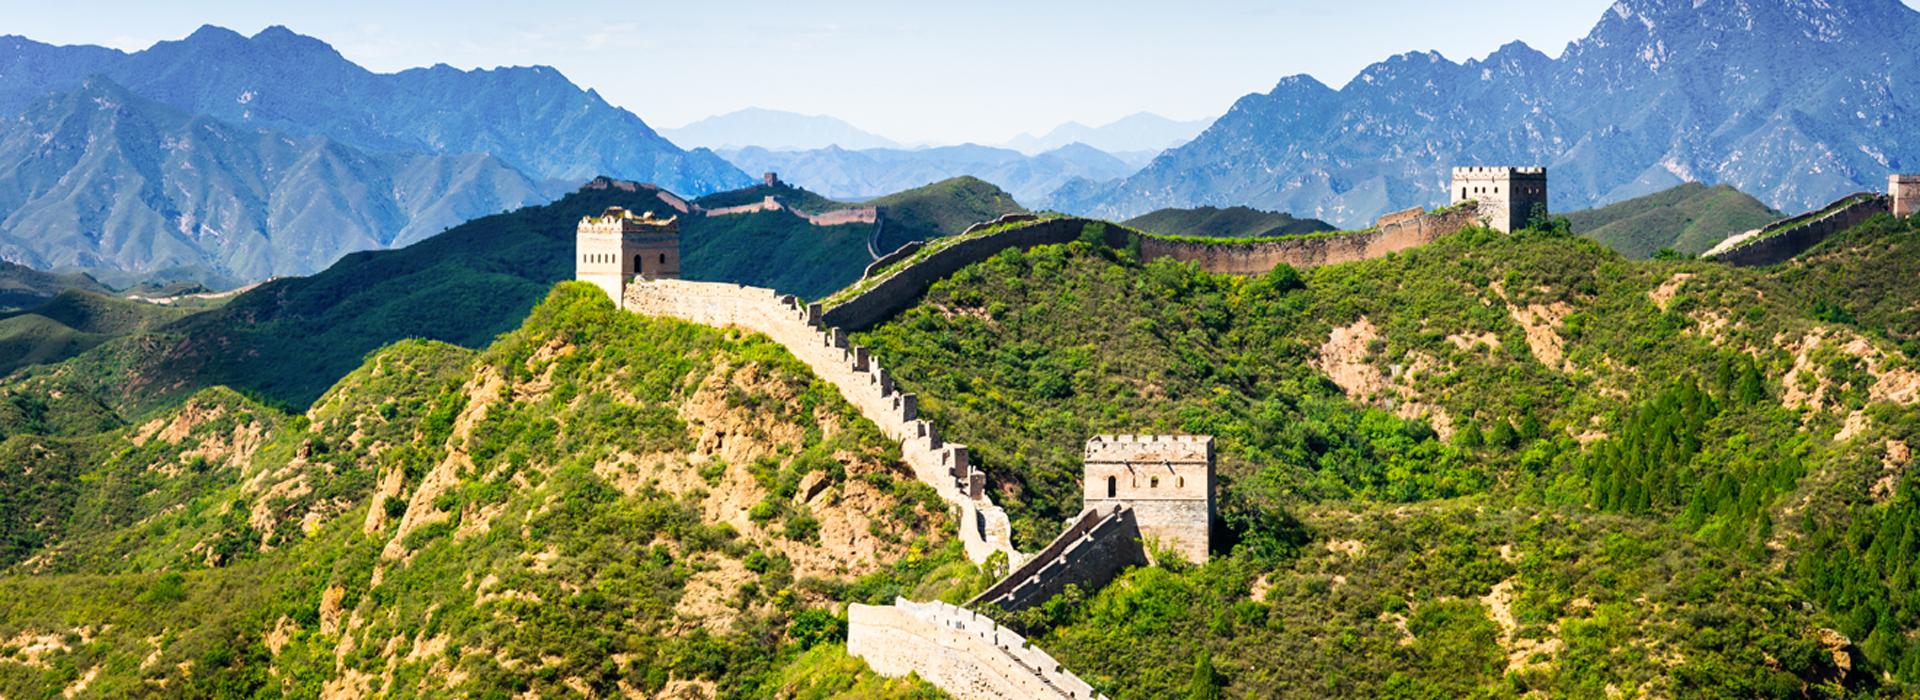 grande_muraglia_cinese